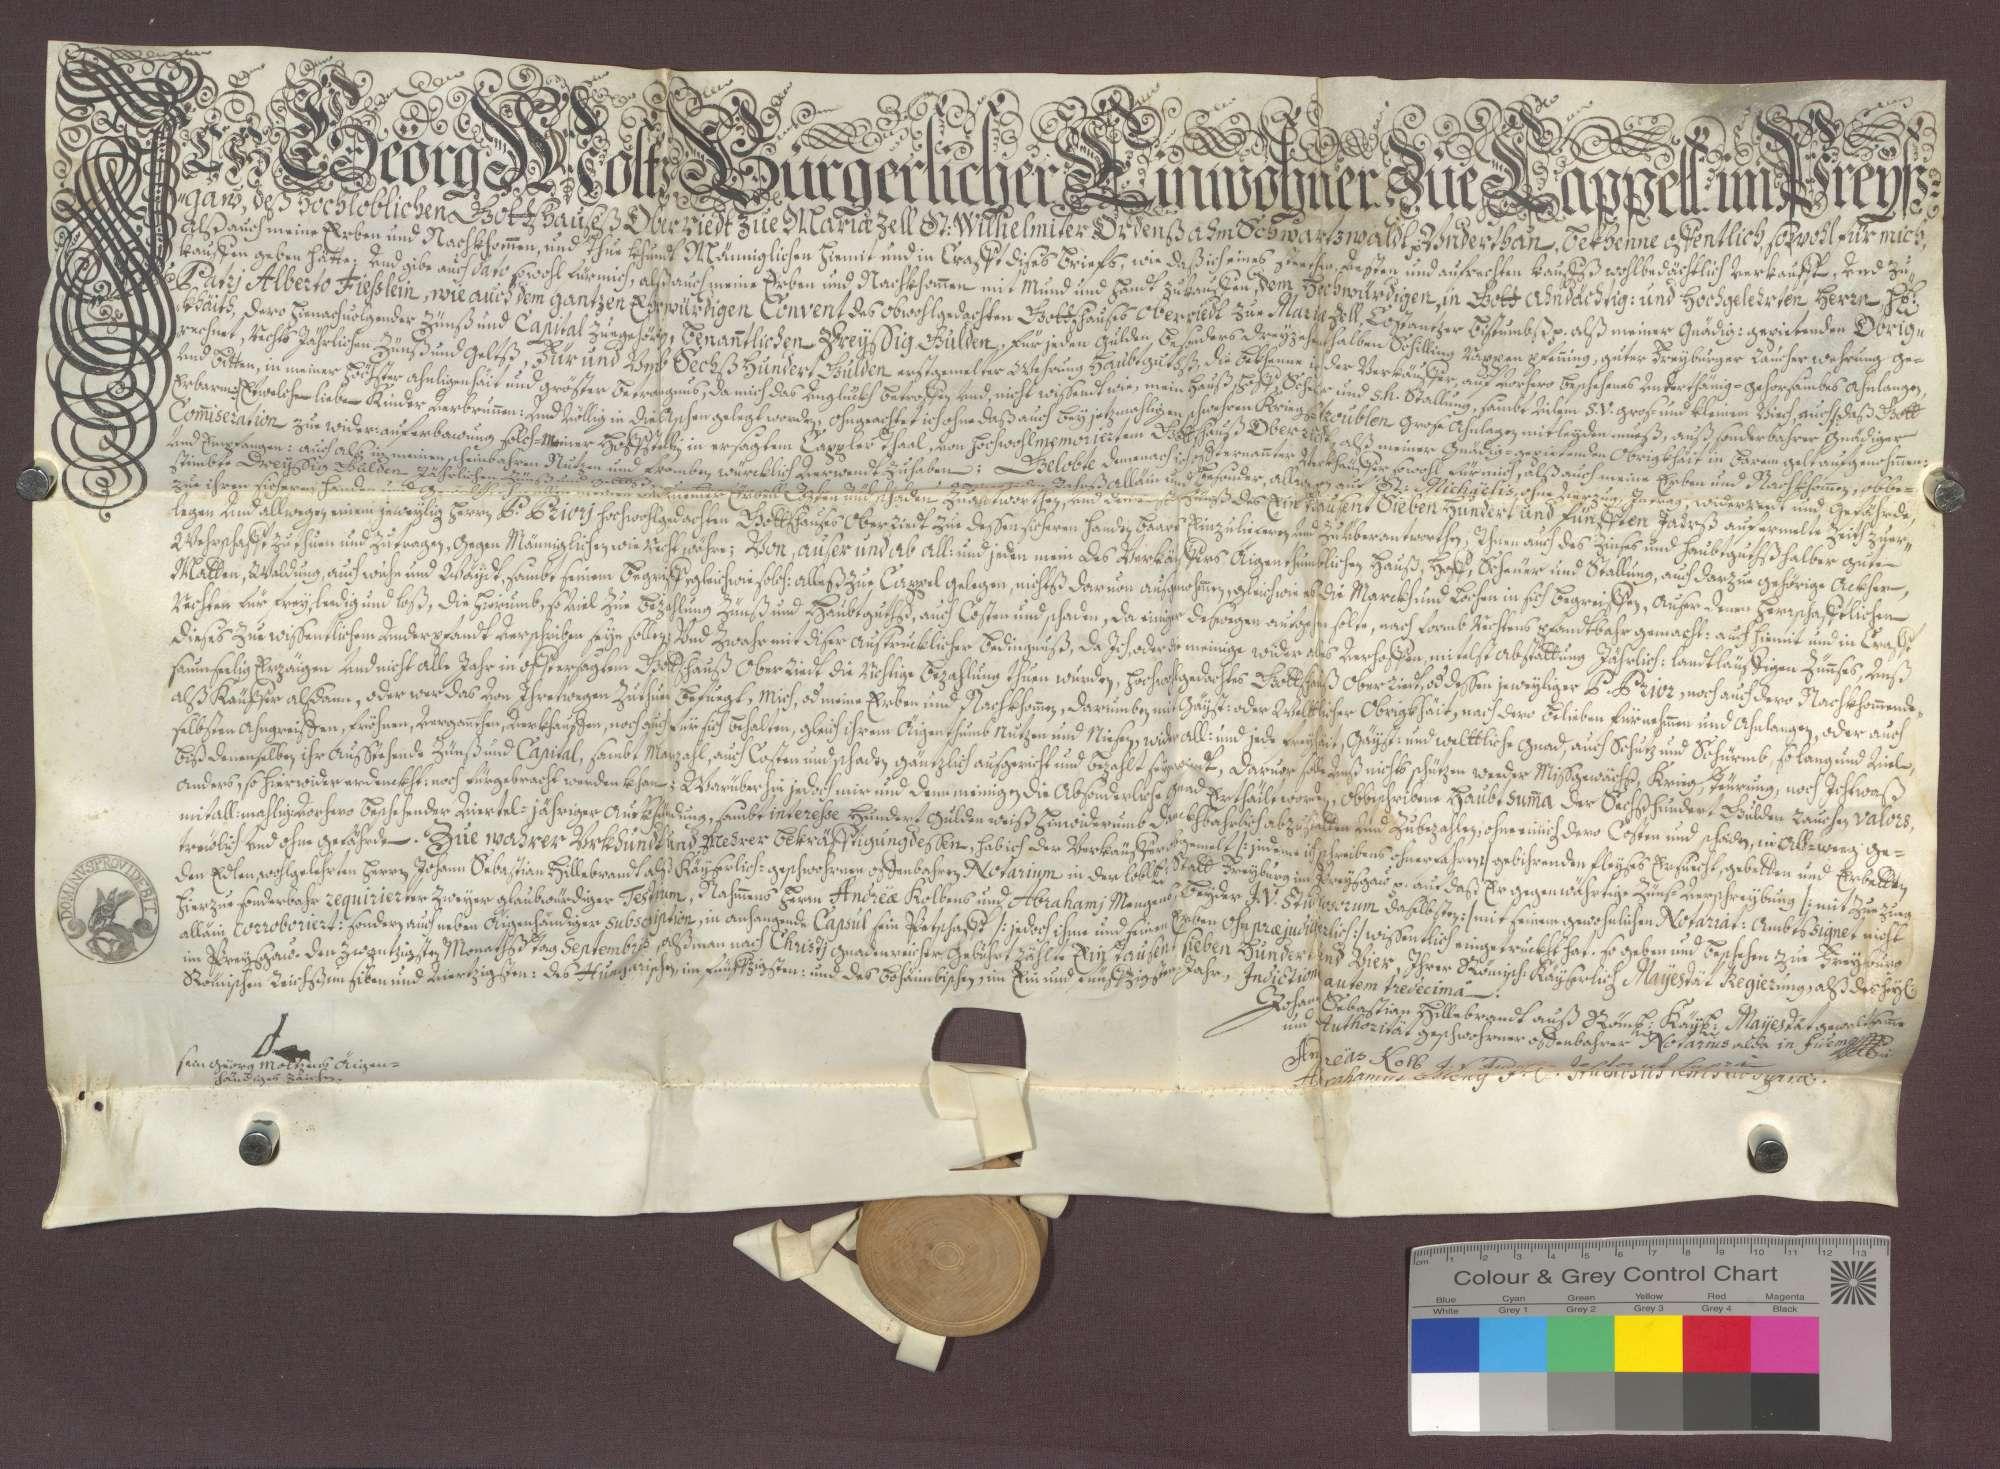 Georg Moltz, Einwohner zu Kappel und Untertan des Klosters Oberried, nimmt bei letzterem eine Hypothek von 600 Gulden zu 5 Prozent auf, da ihm Haus, Hof und Kinder verbrannt sind., Bild 1